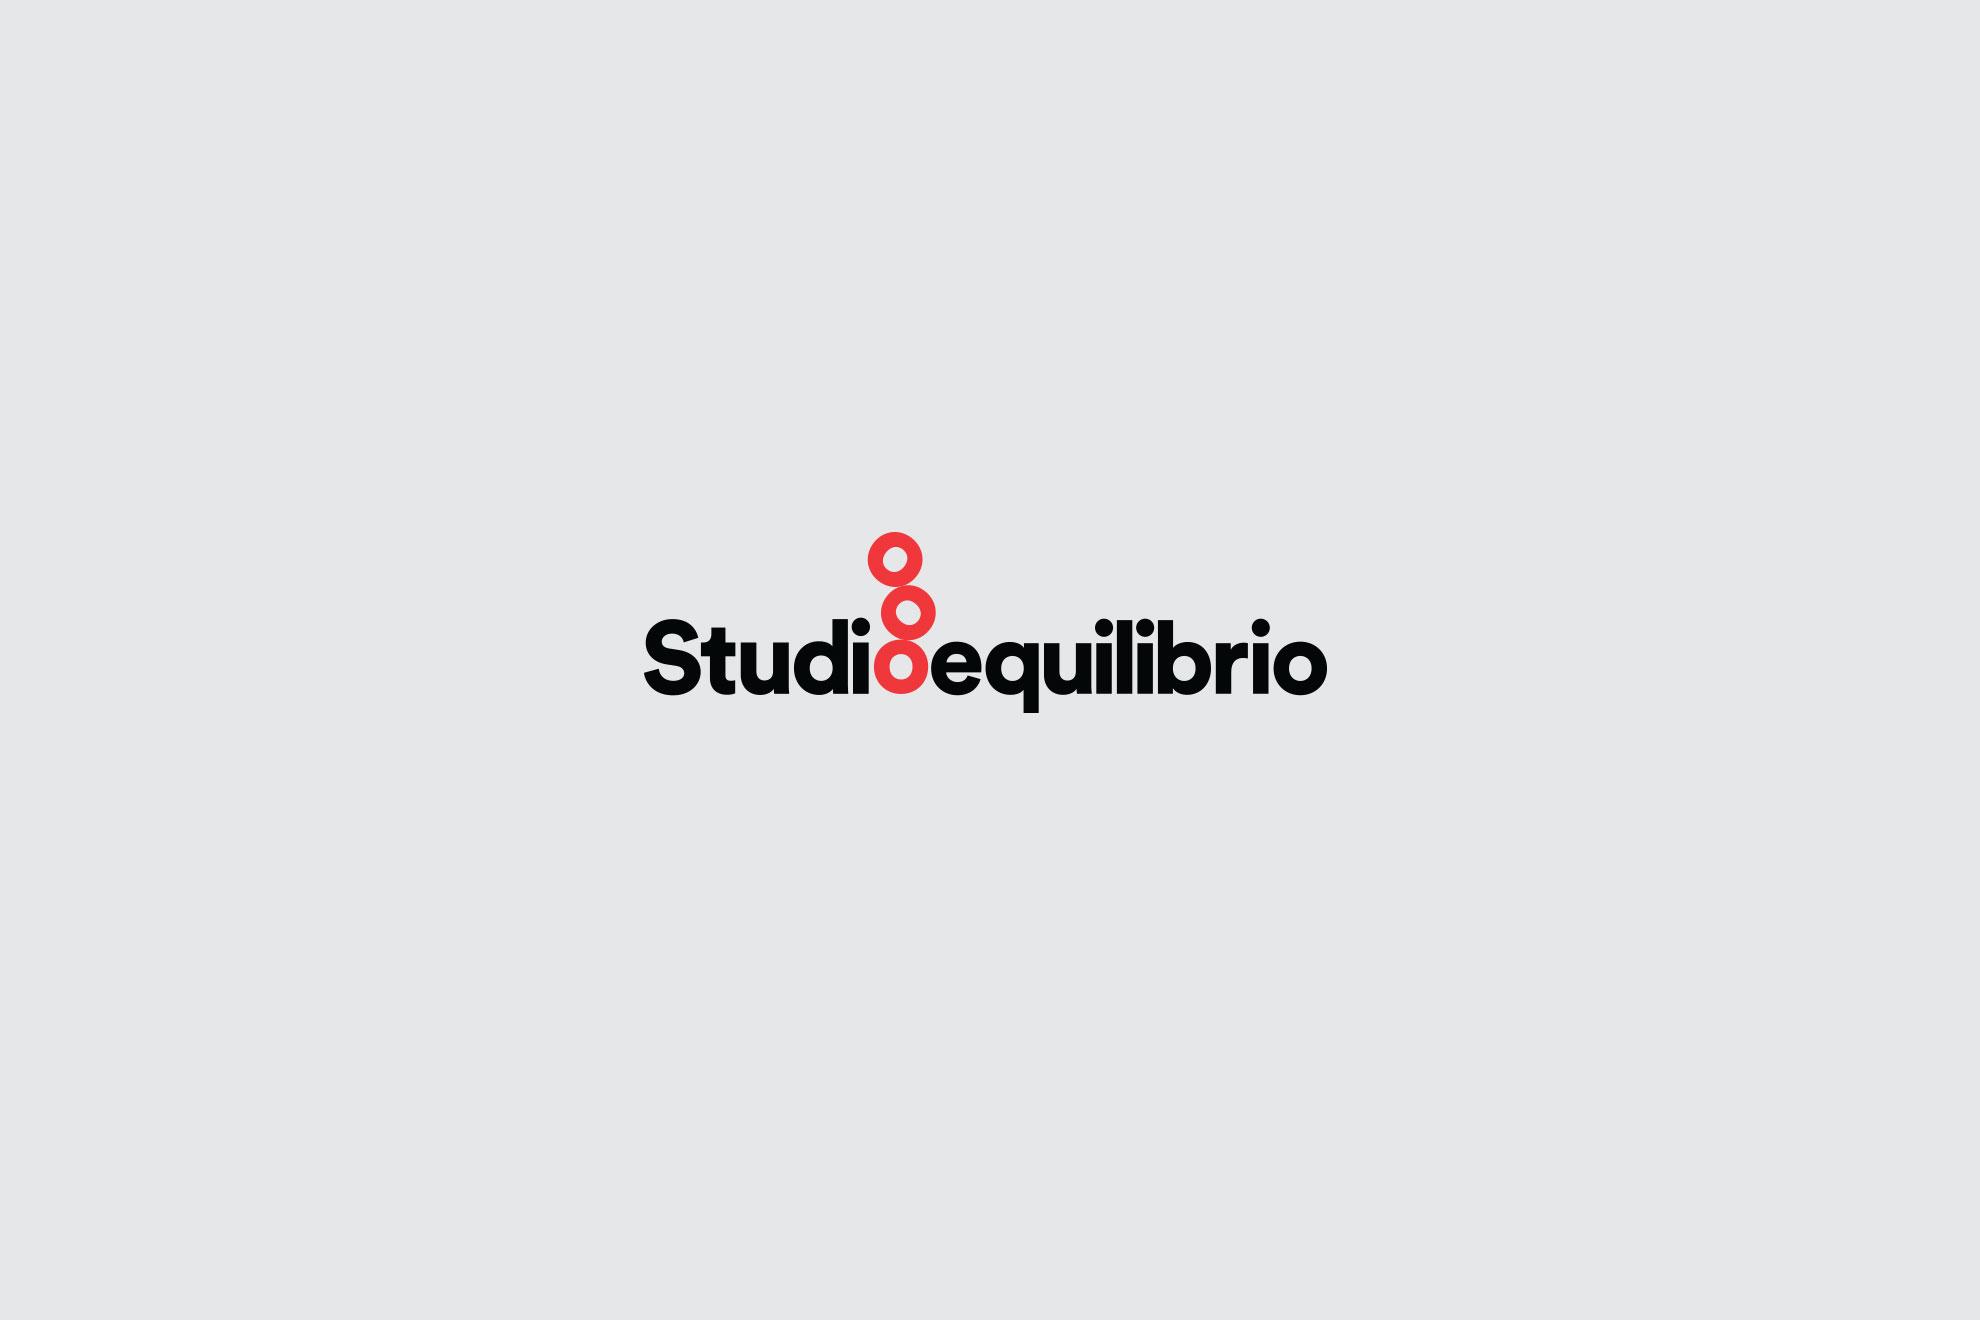 Logo Studioequilibrio Crema